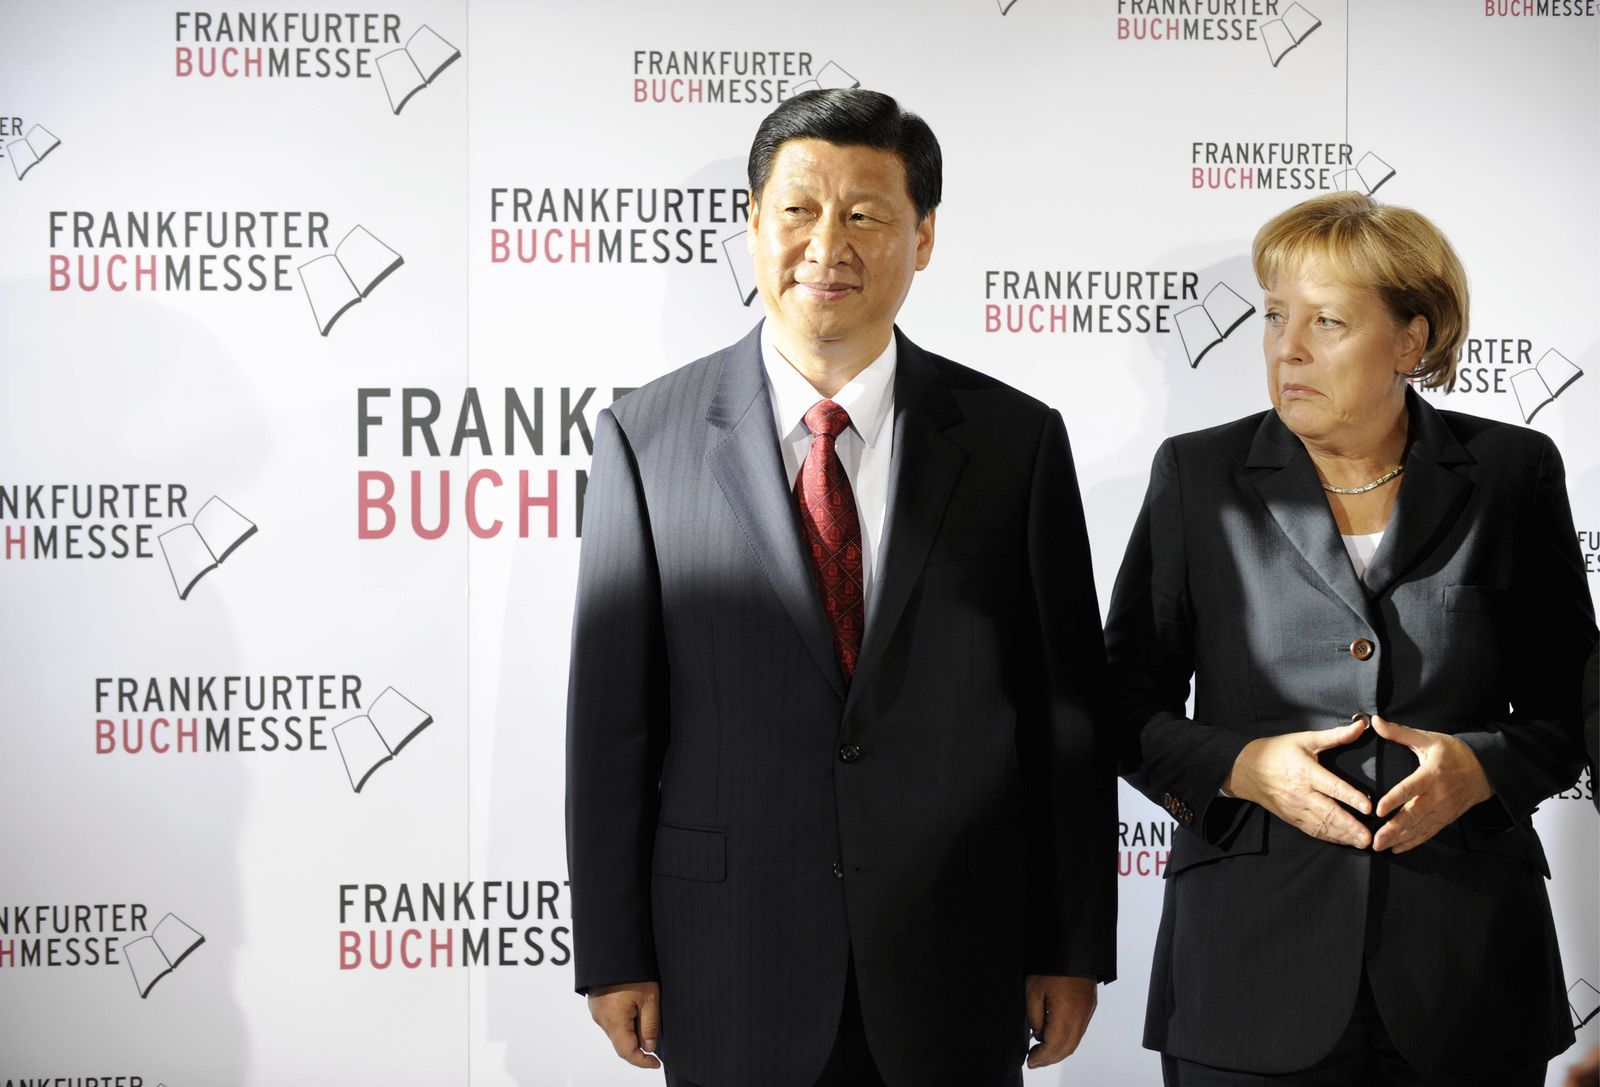 NICHT VERWENDEN Merkel / Buchmesse Frankfurt